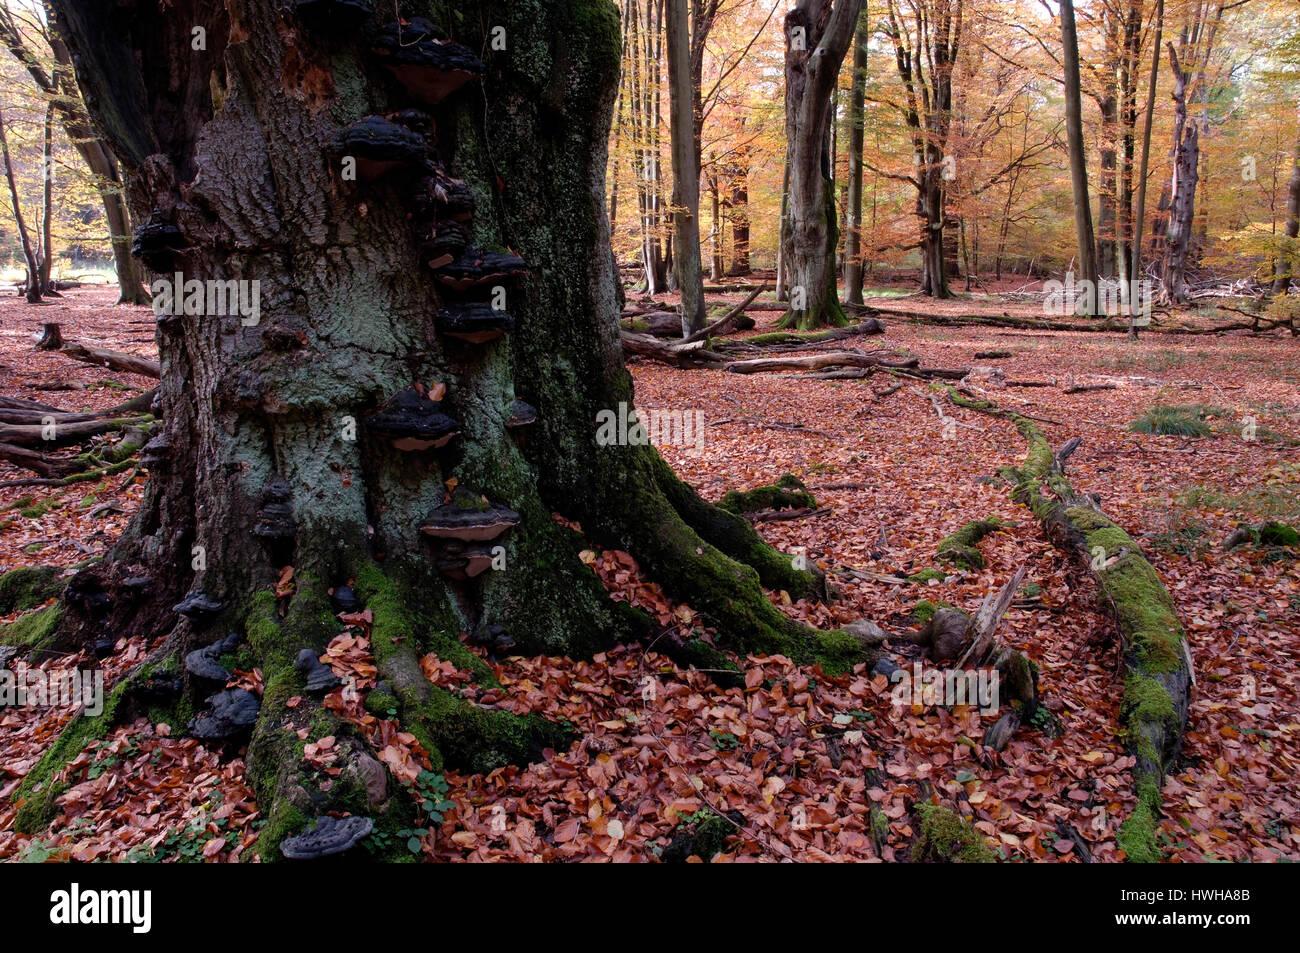 toter baum im urwald schloss saba hessen deutschland fagus sylvatica totholz in den urwald. Black Bedroom Furniture Sets. Home Design Ideas